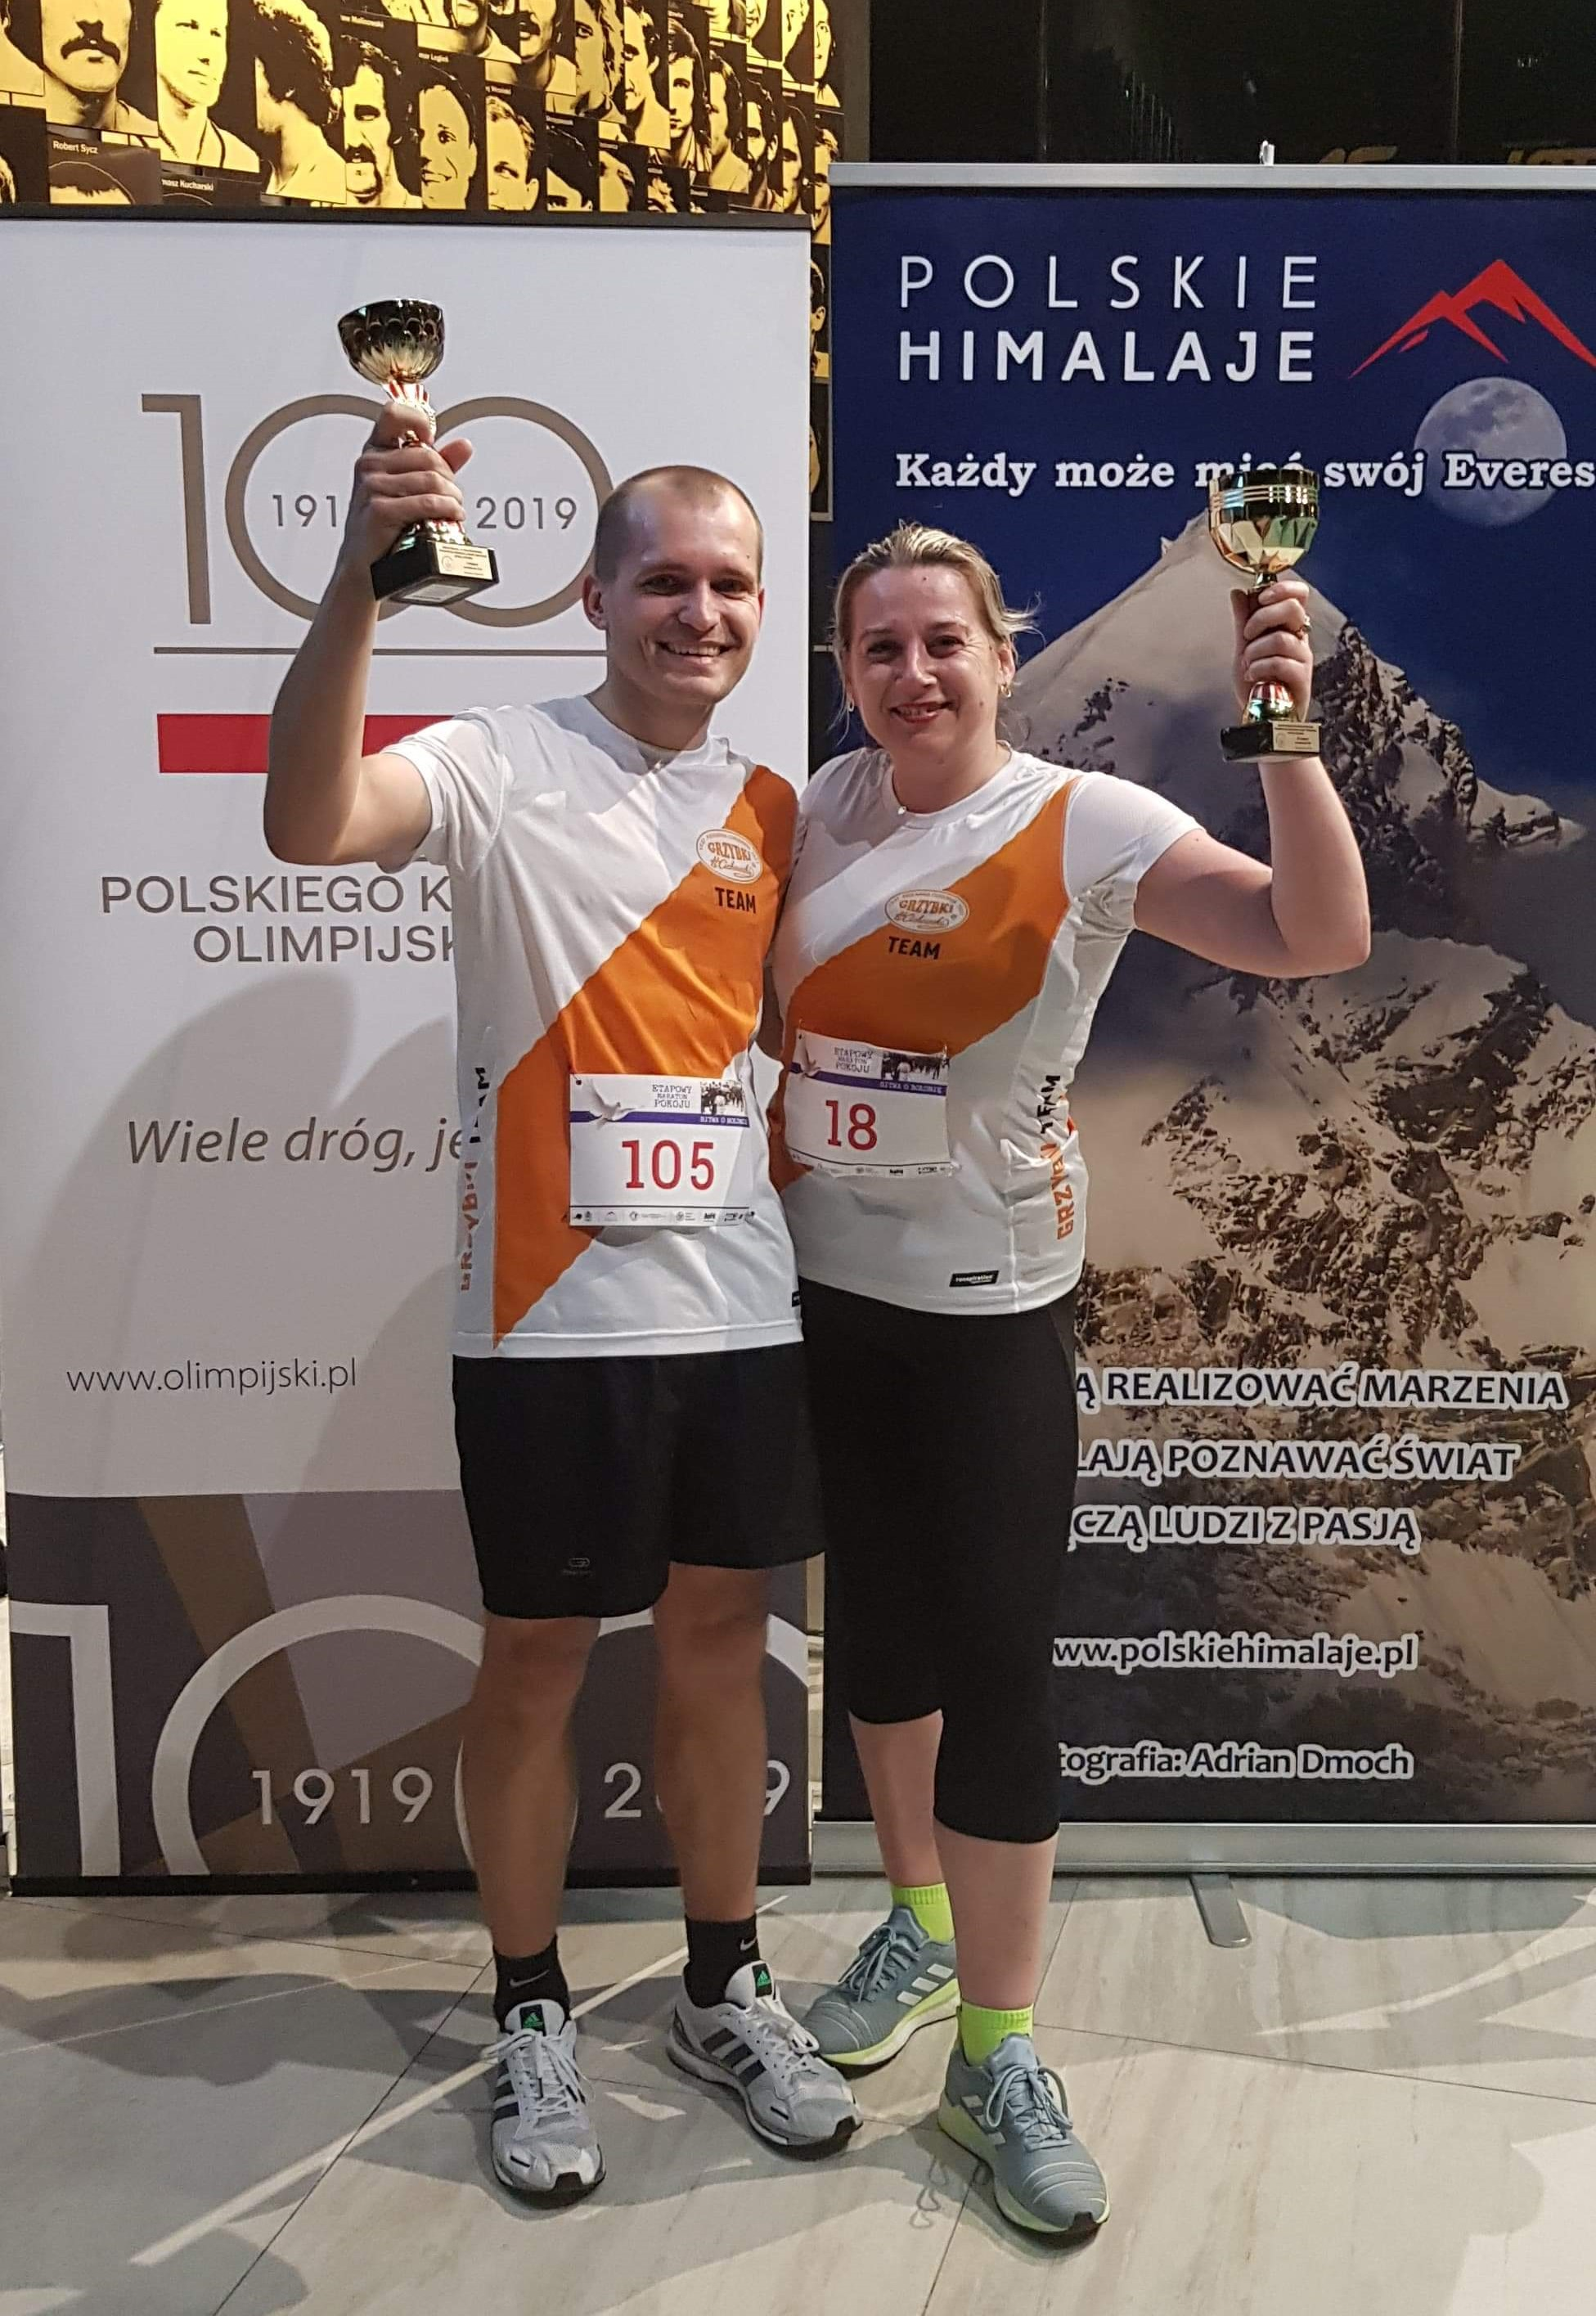 Ania i Łukasz na mecie, Łukasz znów na podium - gratulacje! | Etapowy Maraton Pokoju w Warszawie - Bitwa o Bolonię 25 kwietnia 2019r.